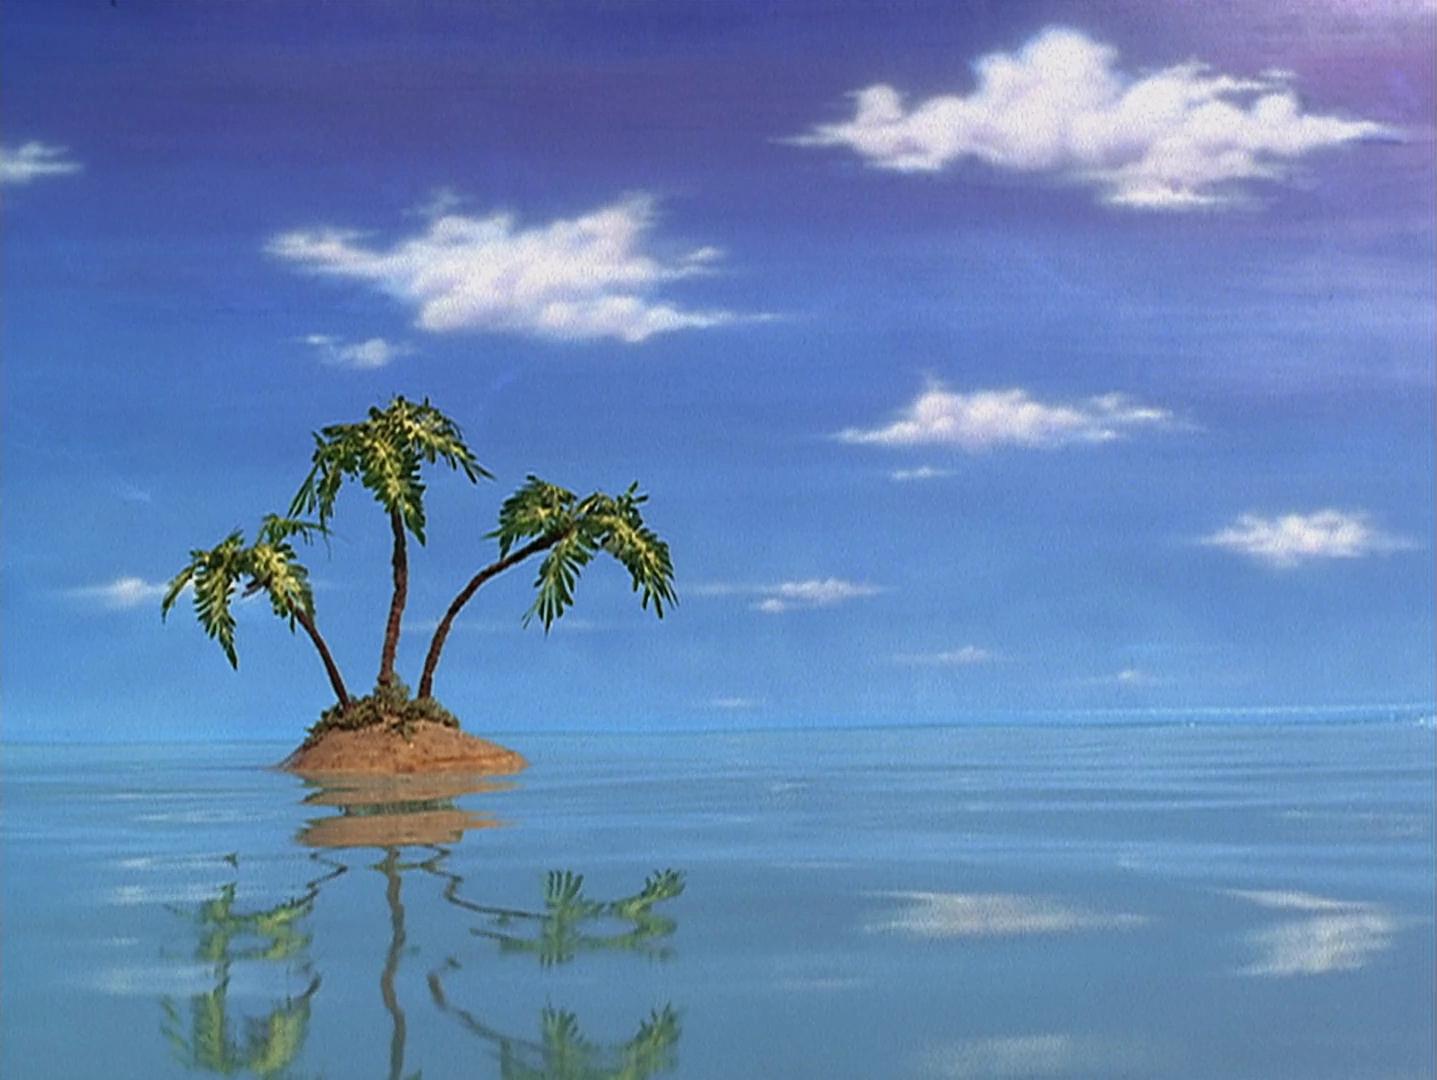 bikini atoll island Perry